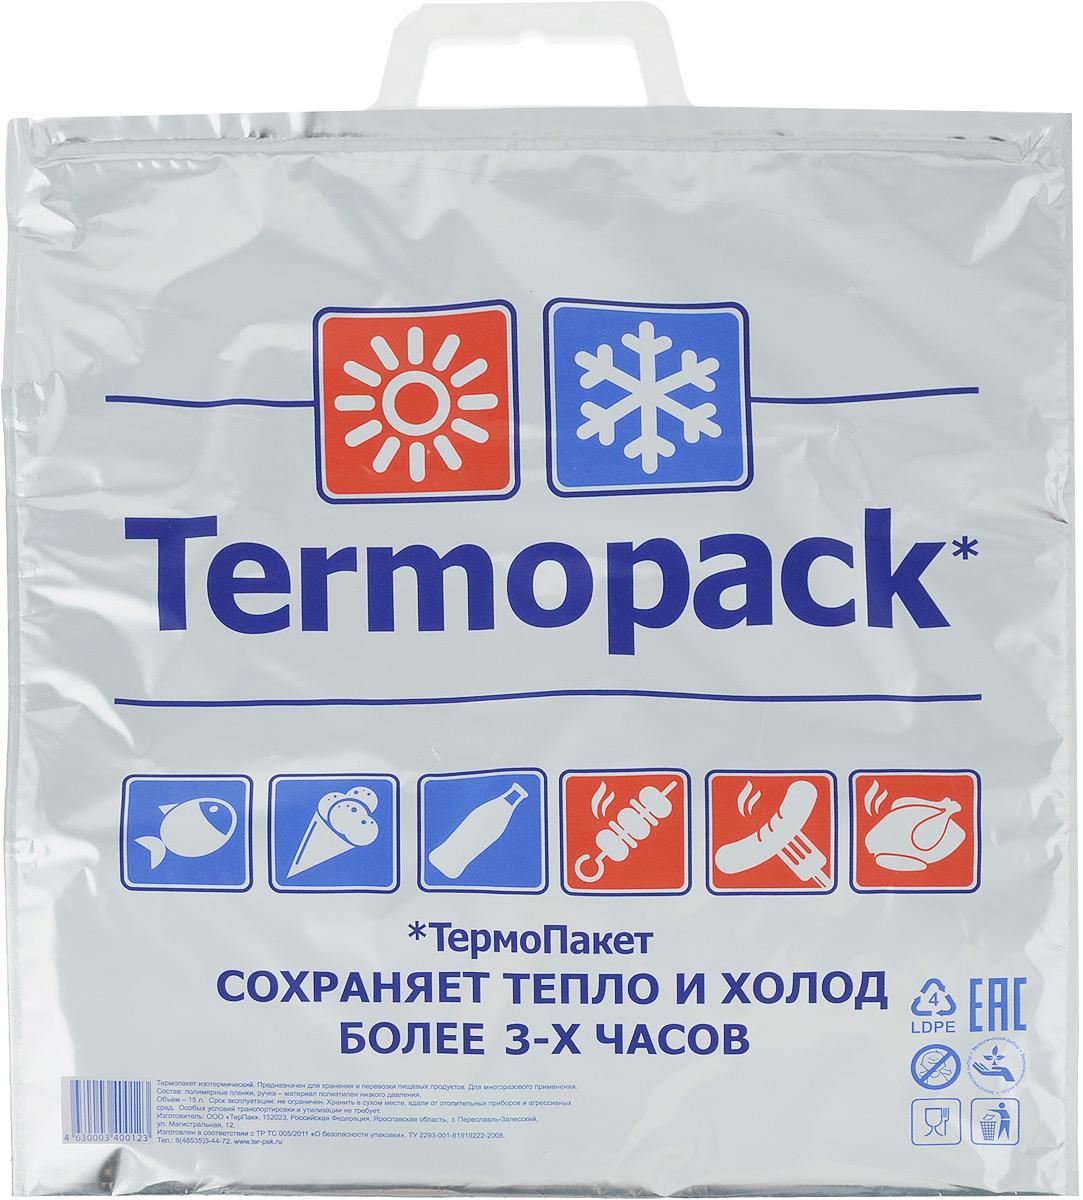 Термопакет ТерПак, цвет: серебристый, 42 х 45 смСПП19429Удобный и практичный термопакет ТерПак многоразового использования изнутри покрыт специальным отражающим материалом и создан для того, чтобы как можно дольше сохранить еду свежей. Пакет предназначен для транспортировки и хранения горячих/холодных продуктов. Пакет сохраняет тепло и холод до трех часов. Надежные пластиковые застежки удобны в использовании, позволяют быстро закрыть пакет и не дадут ему случайно открыться.Размер: 41 см х 45 см. Объем: 15 л.